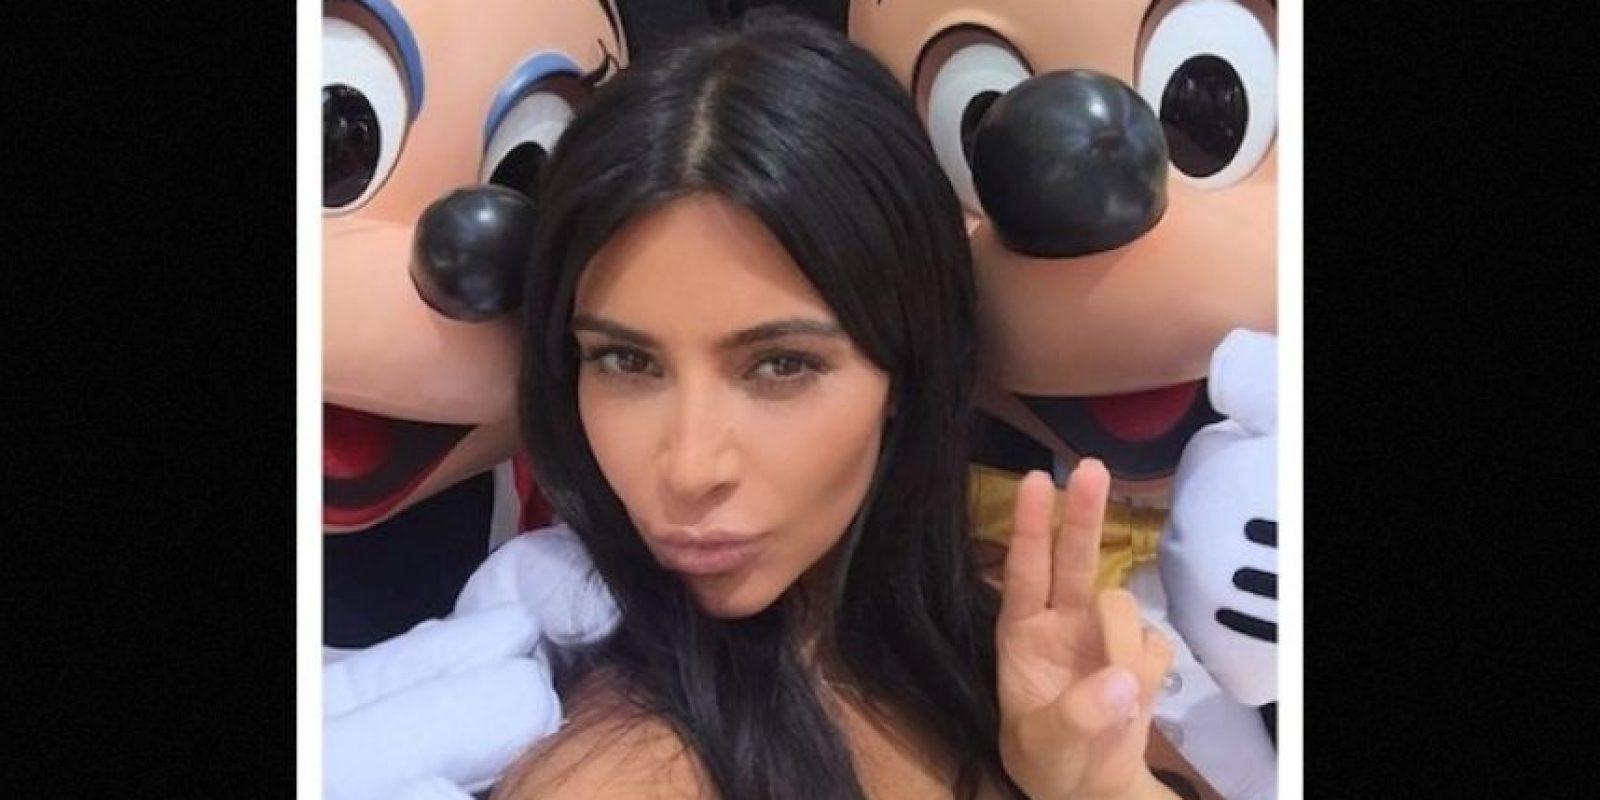 Mickey y Minnie Mouse Foto:Instagram/kimkardashian